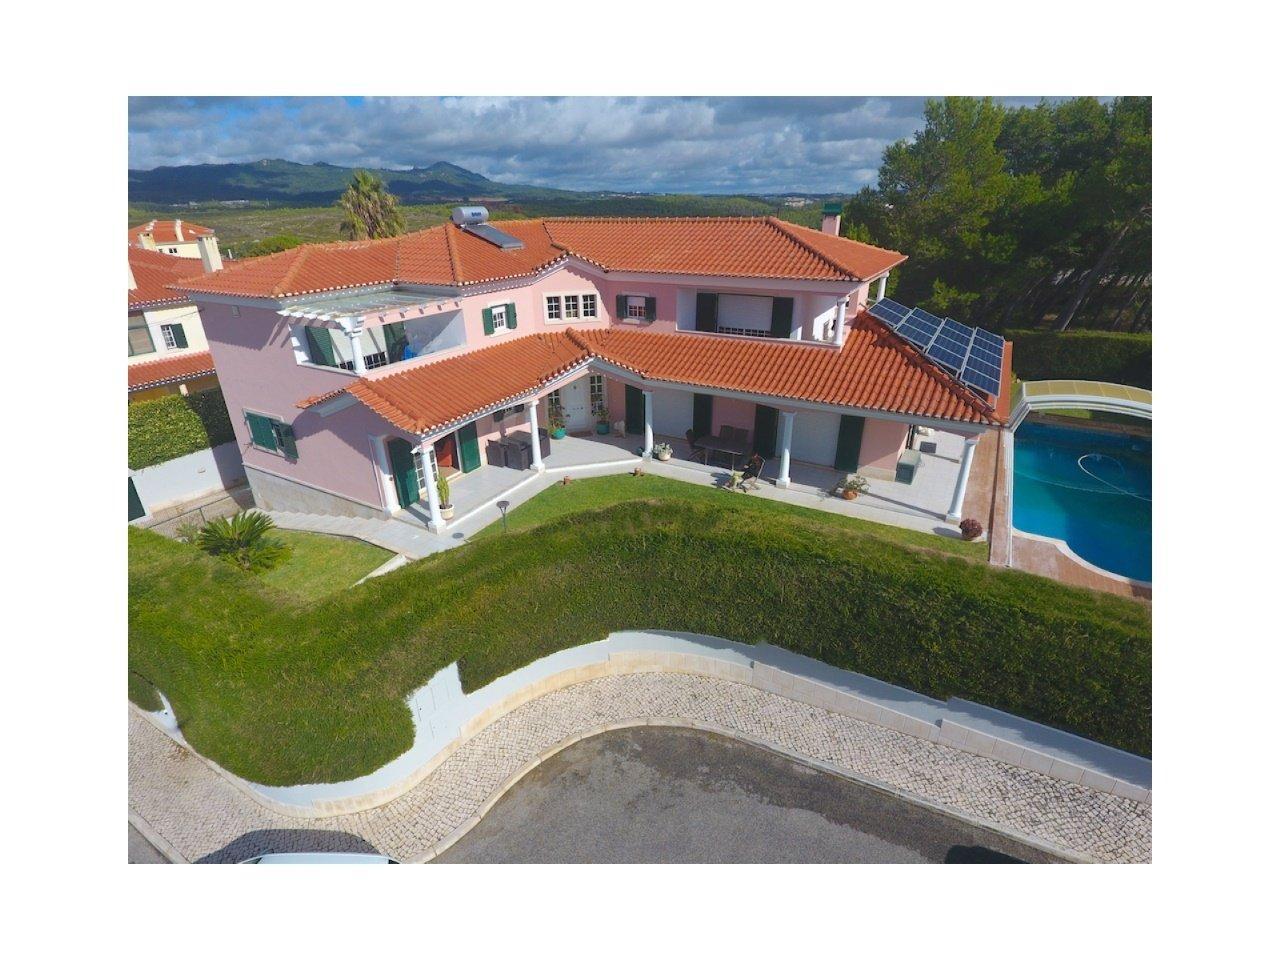 4 Bedroom Villa Cascais, Lisbon Ref: AVM184